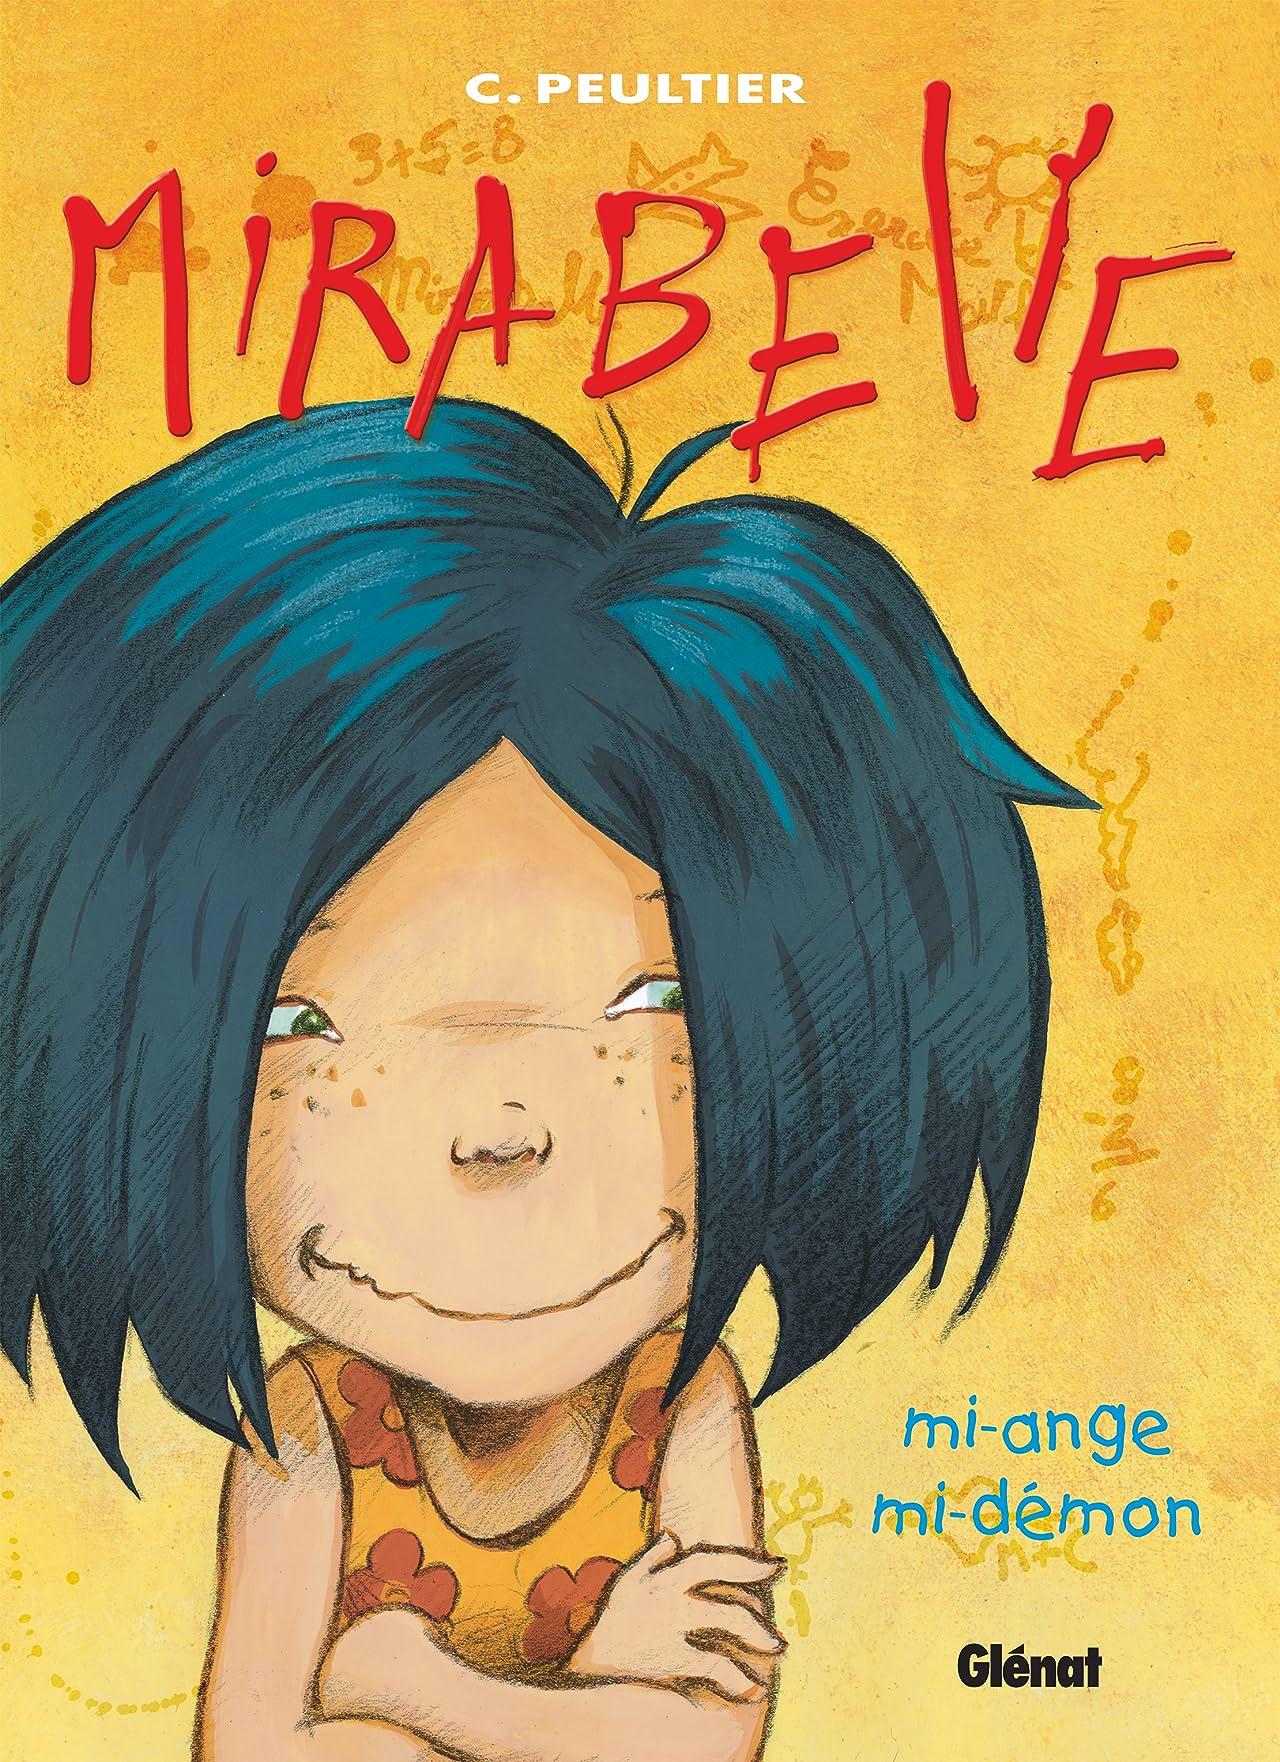 Mirabelle Vol. 1: Mi-ange, mi-démon